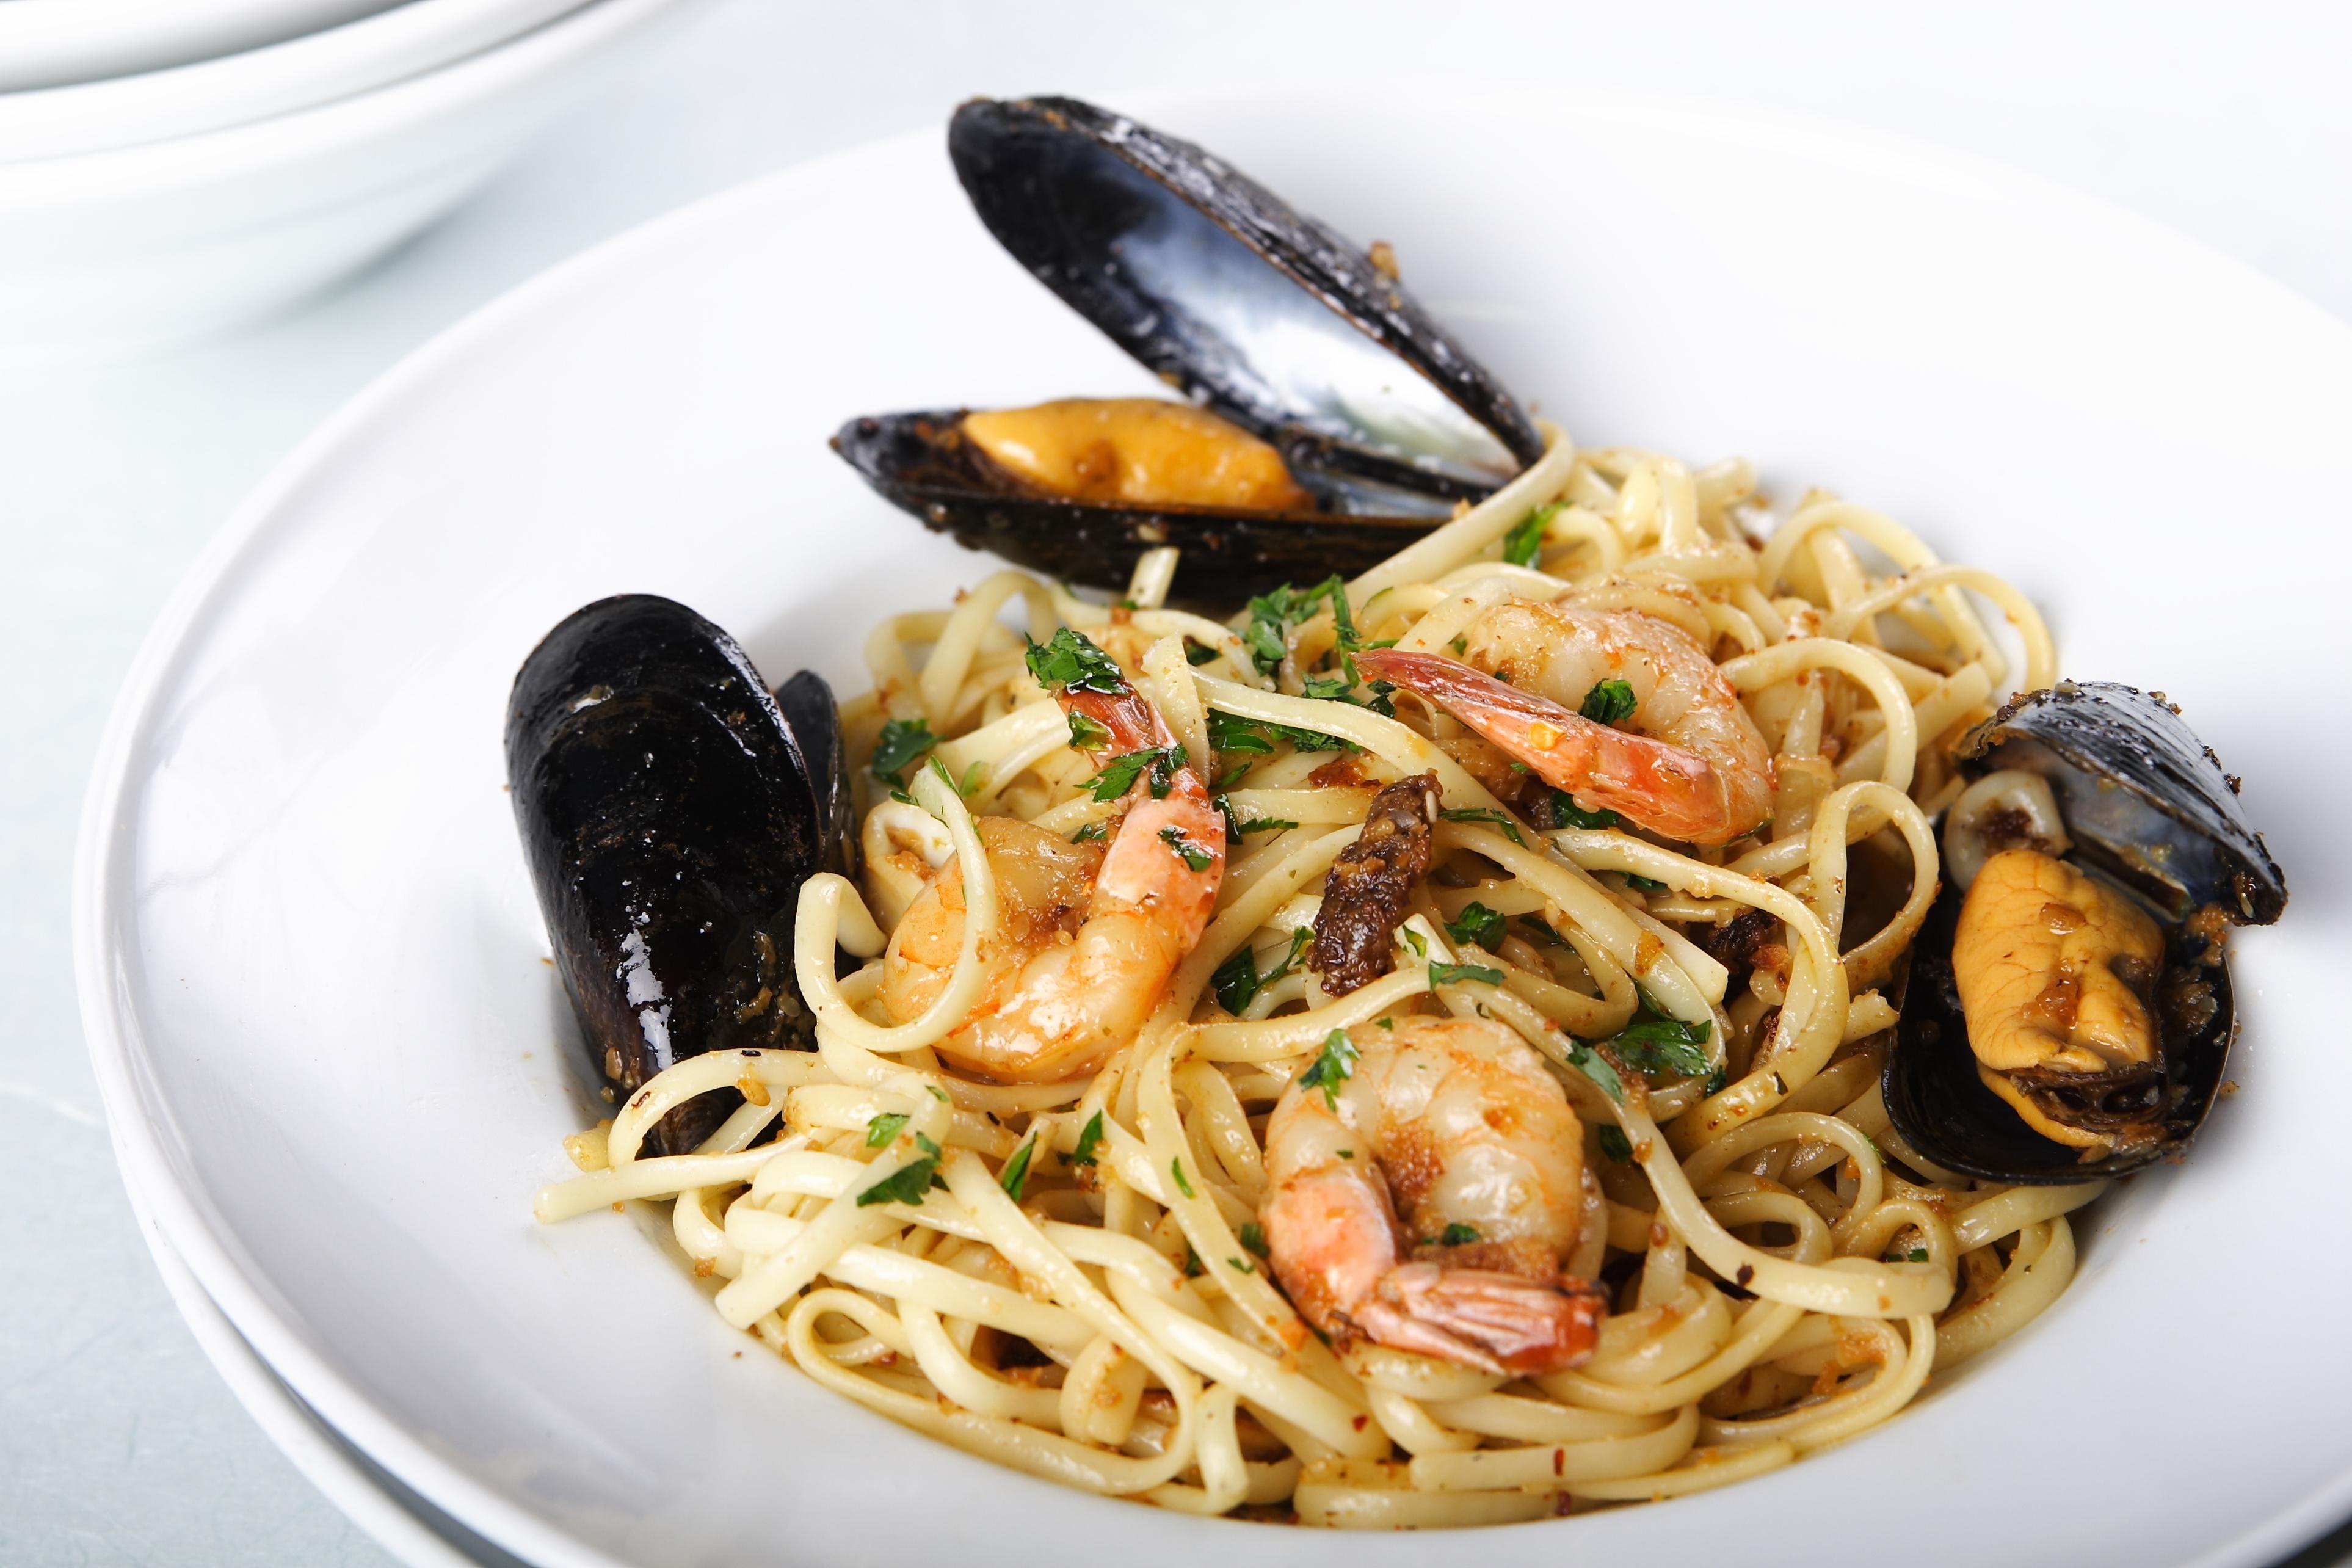 Ricerca Ricette con Linguine ai frutti di mare - GialloZafferano.it